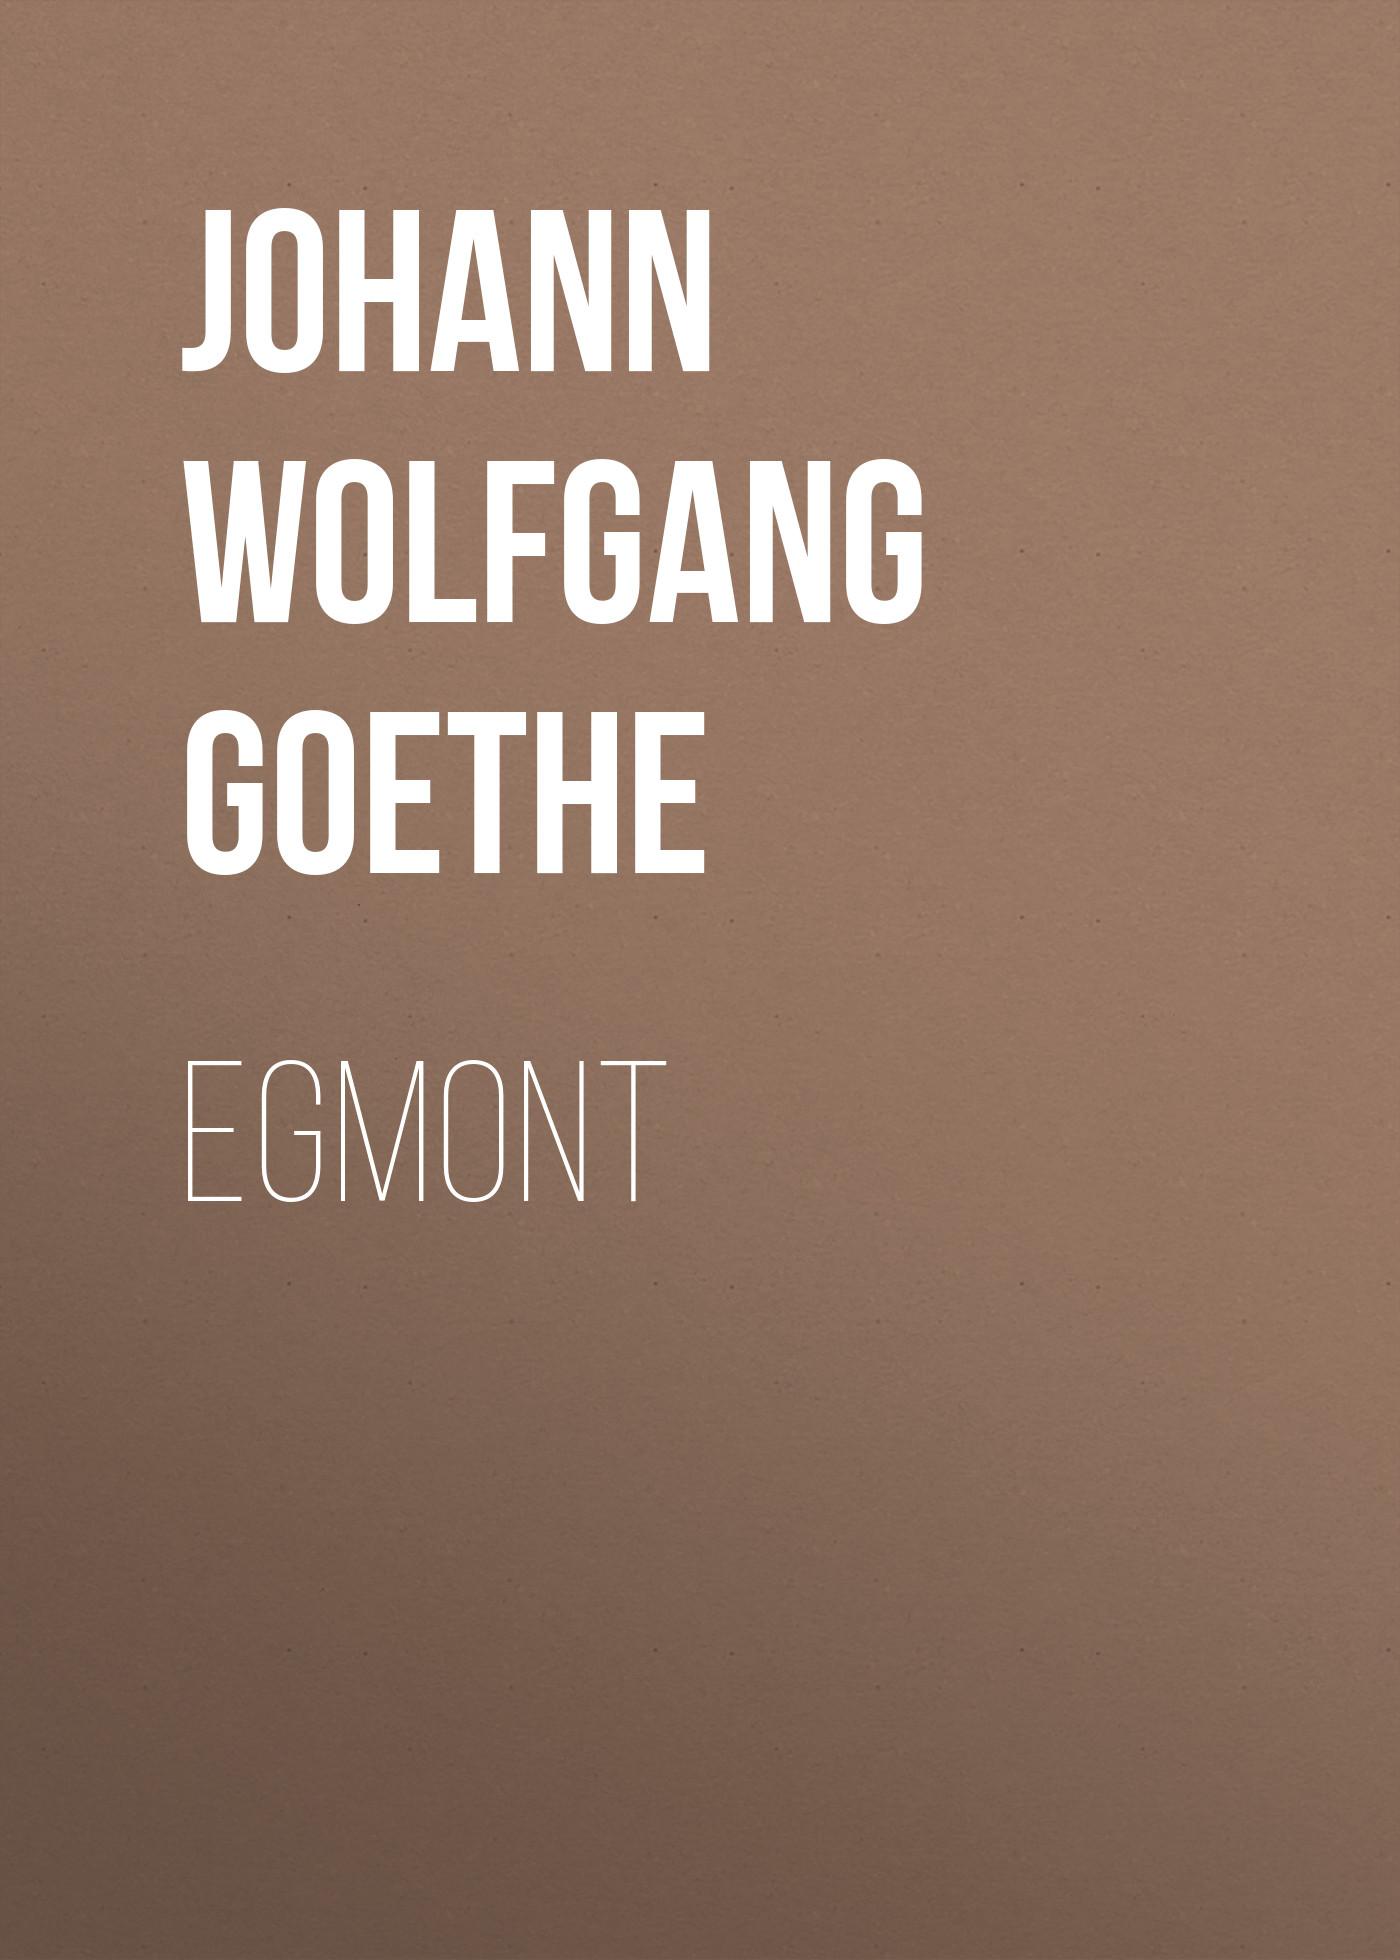 Иоганн Вольфганг фон Гёте Egmont иоганн вольфганг фон гёте прометей